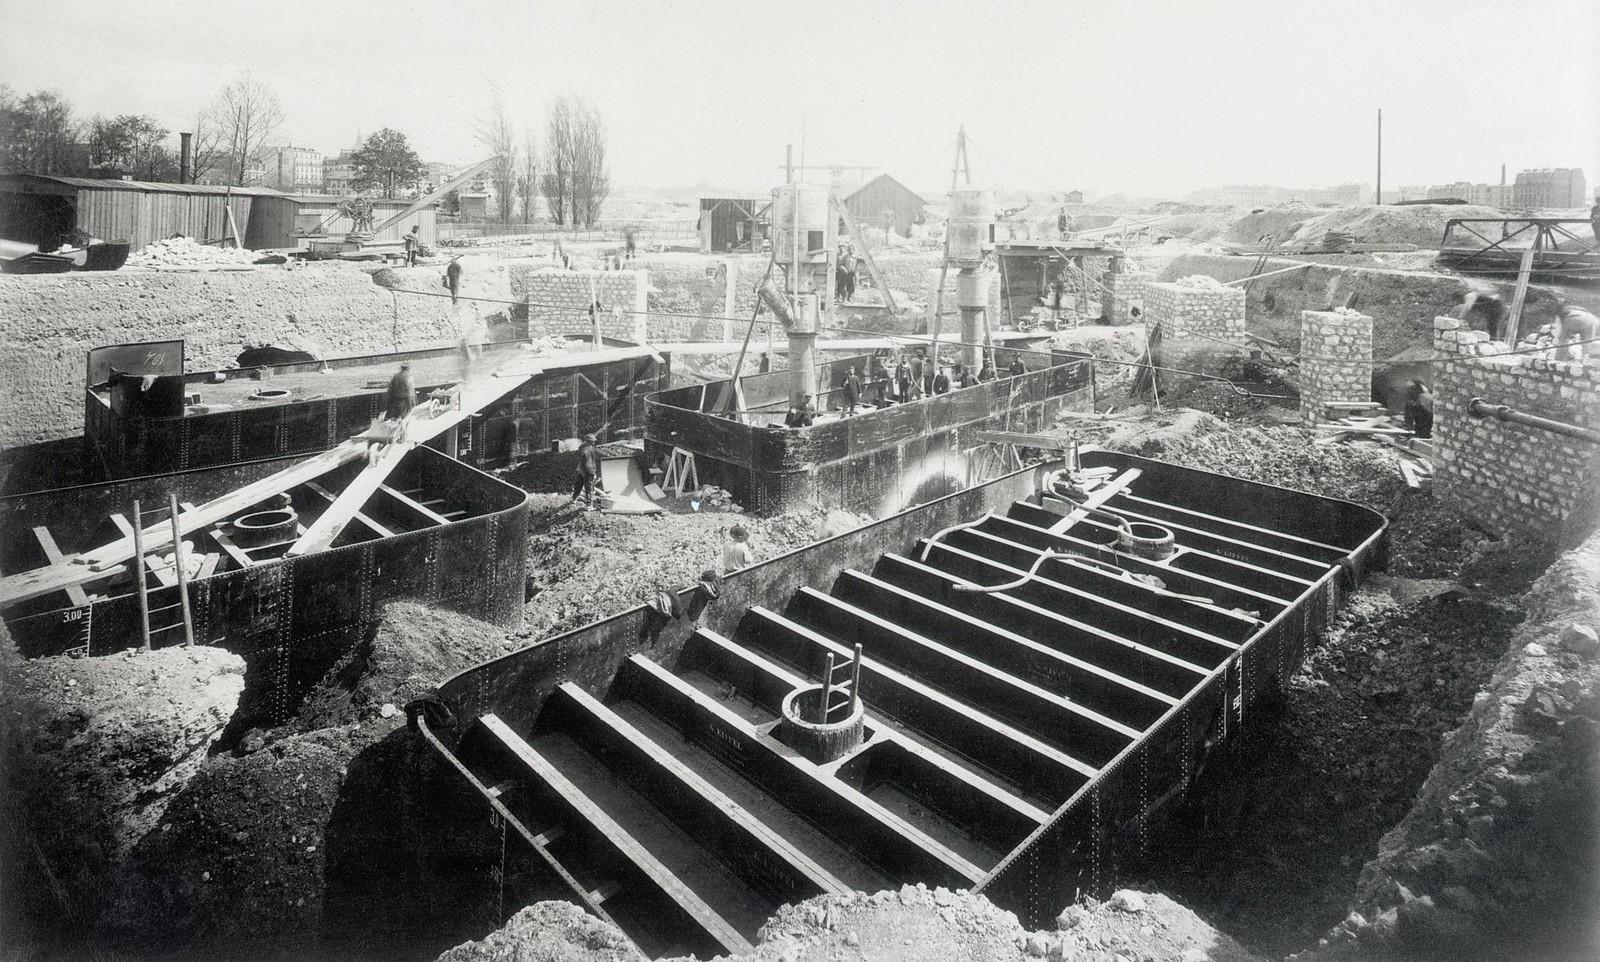 05. 1887. 25 апреля. Подготовка основания Эйфелевой башни. Кессоны ушли на глубину 23 фута под поверхностью